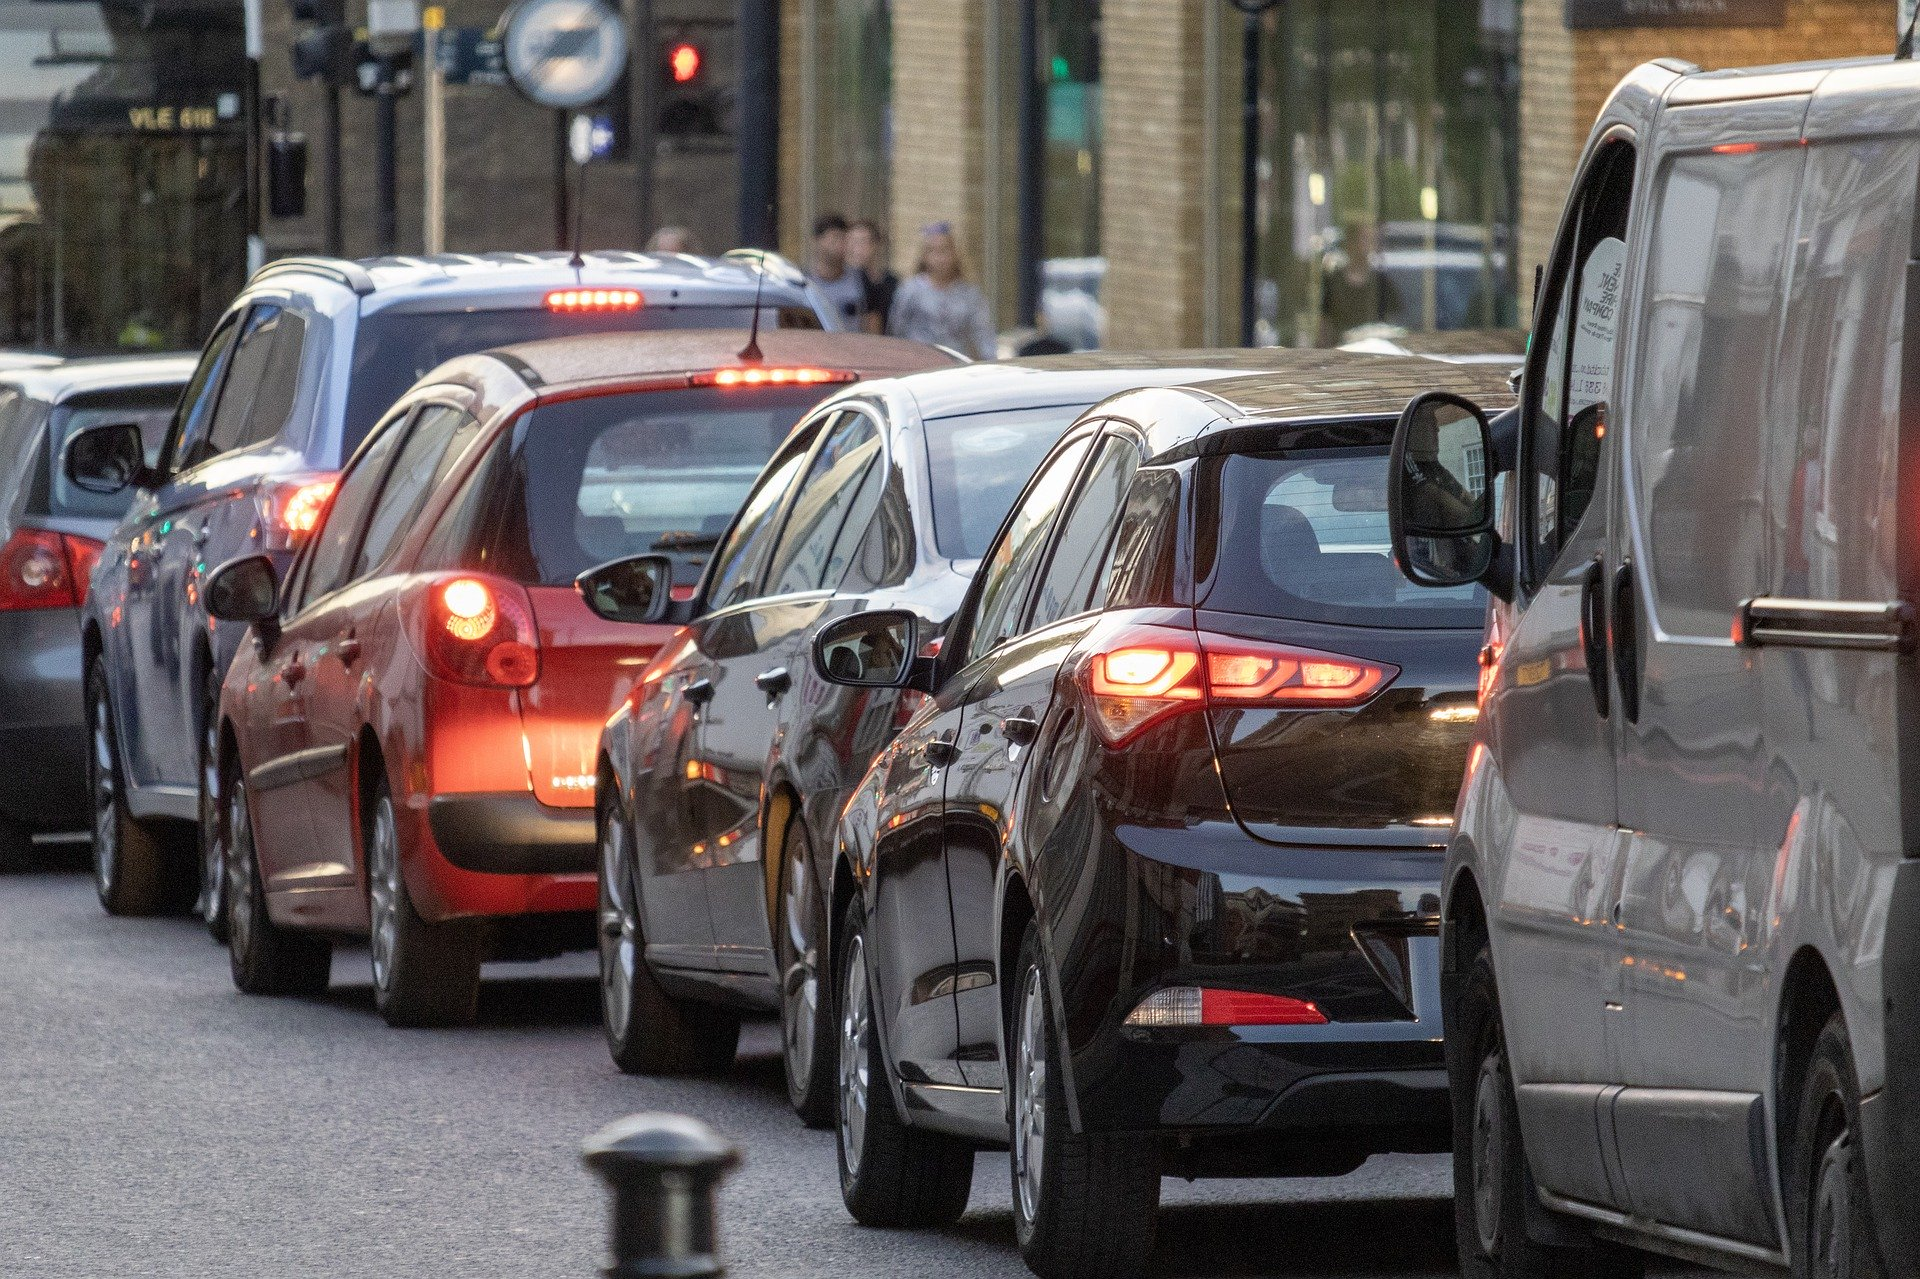 Apeldoorn op dertiende plek van Nederlands steden met de meeste verkeersvertraging